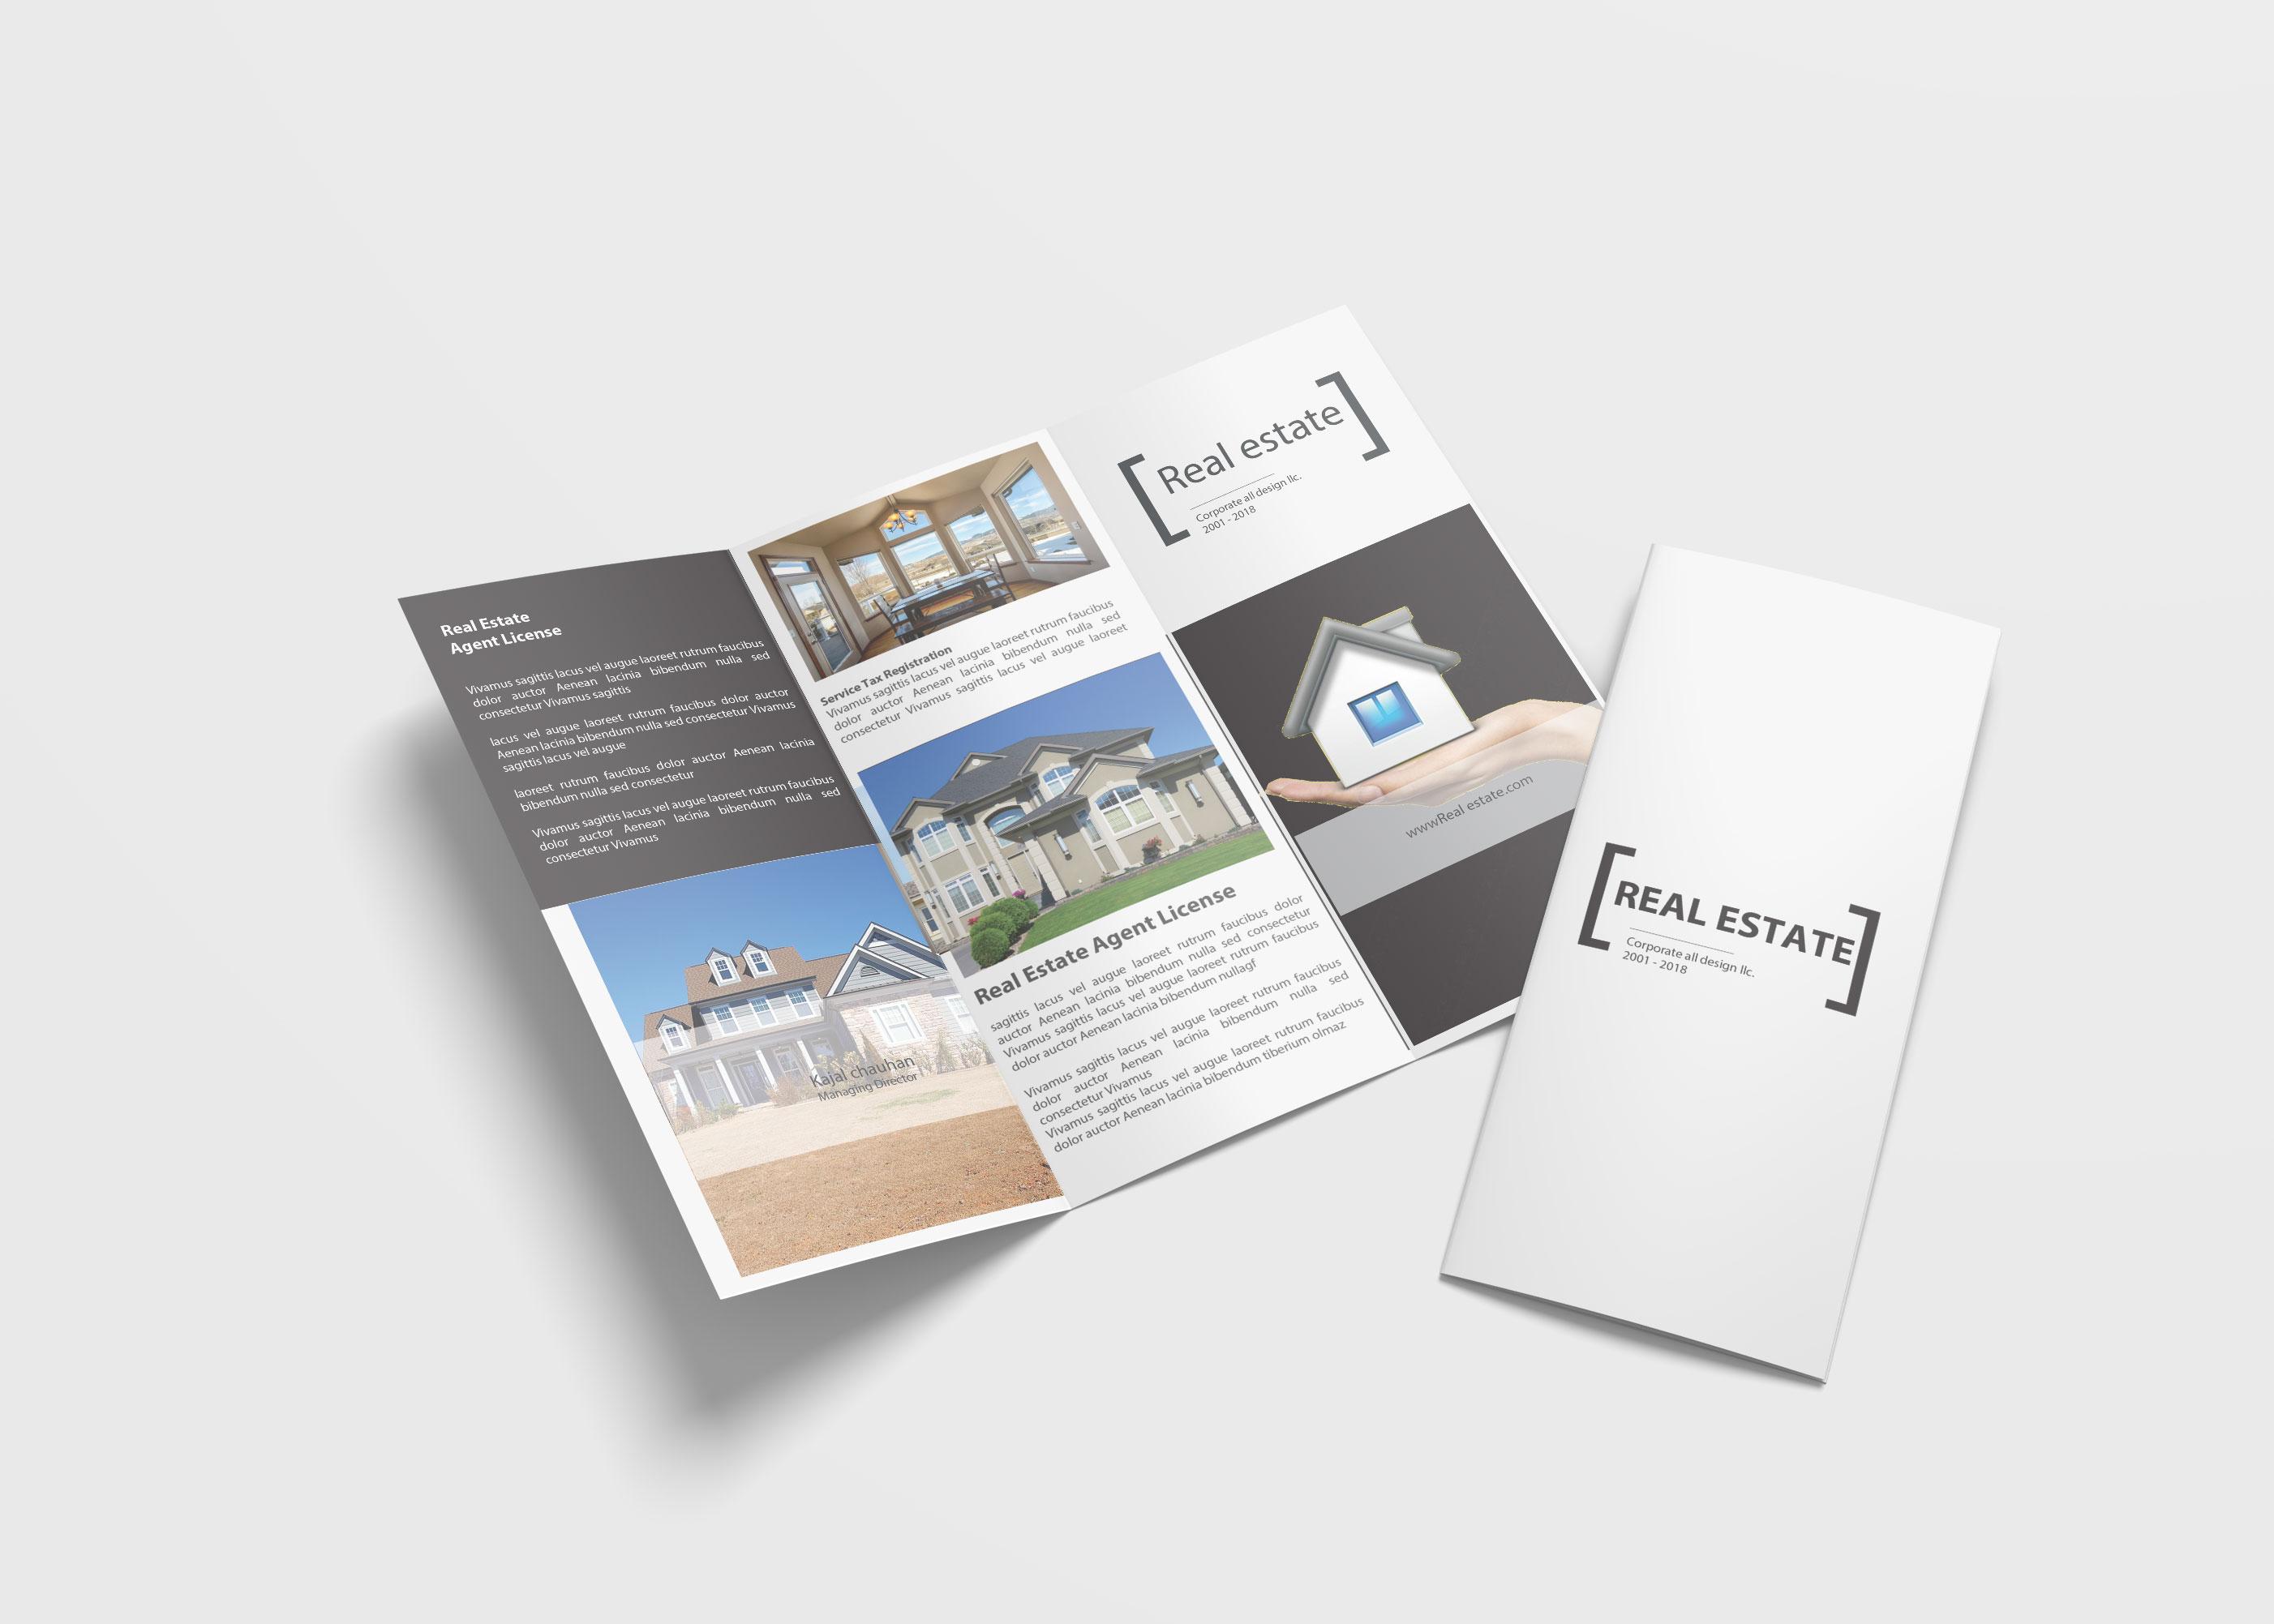 Thiết kế brochure bất động sản ấn tượng giúp tăng doanh số